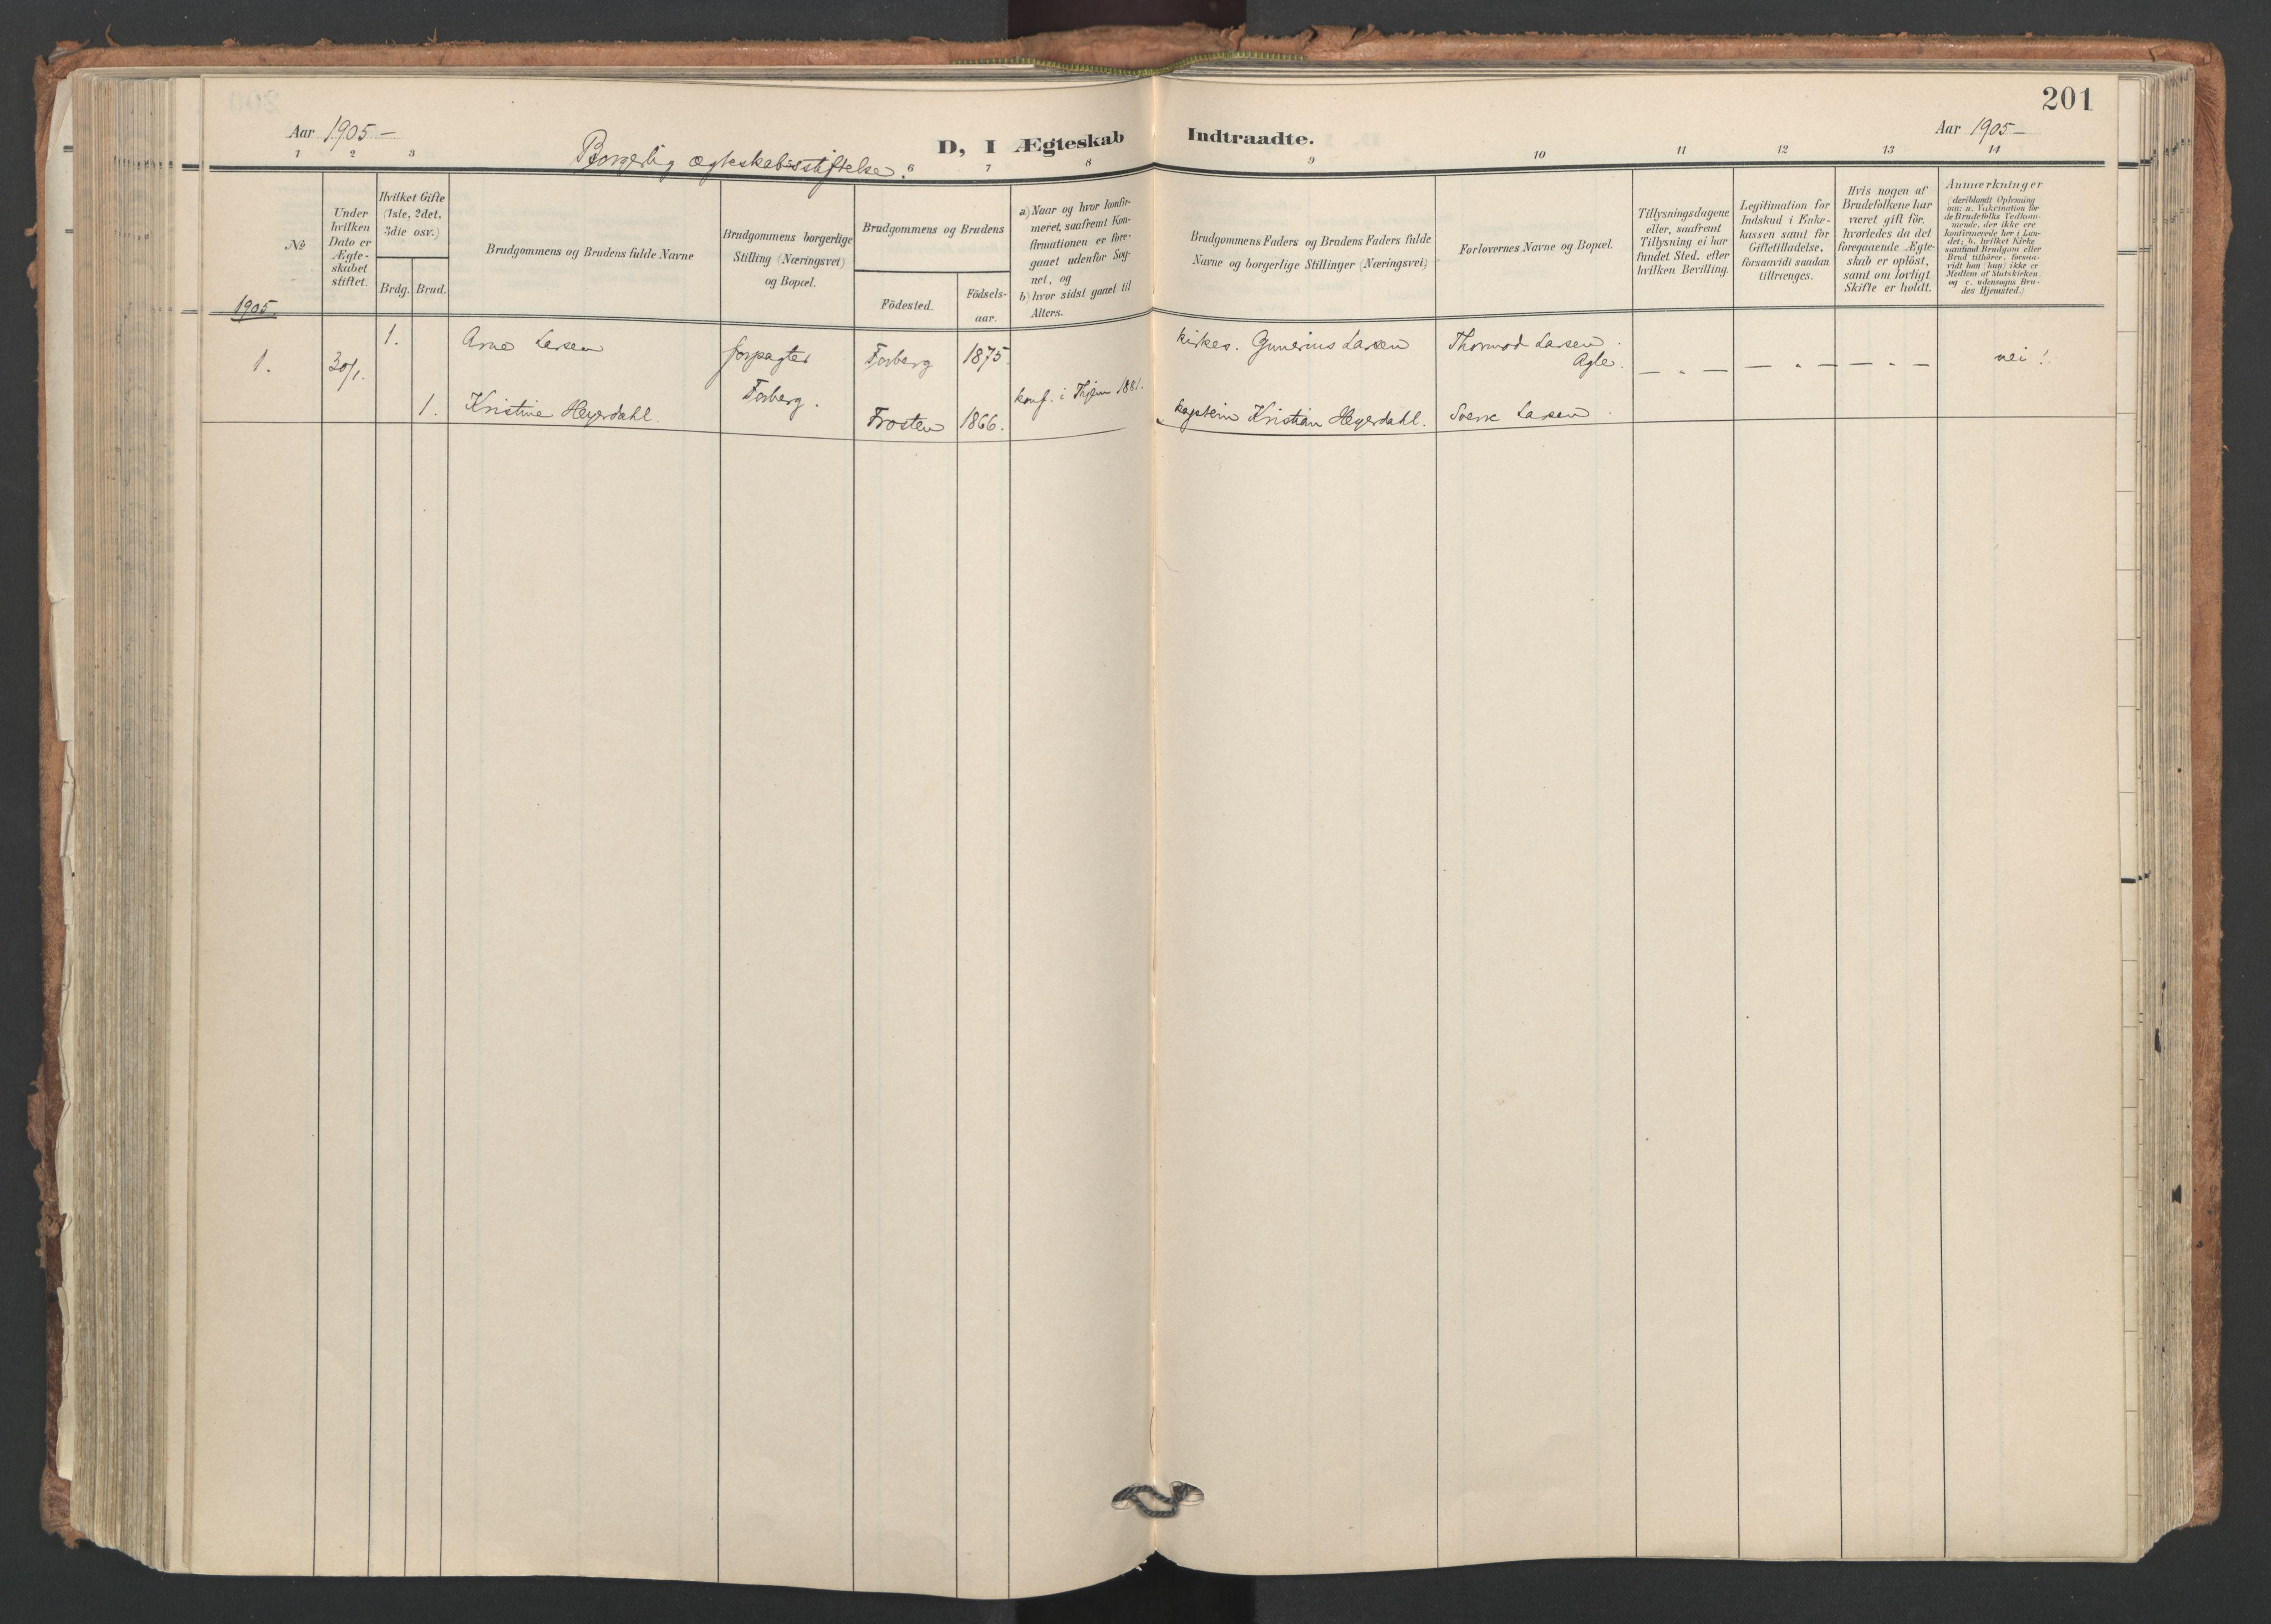 SAT, Ministerialprotokoller, klokkerbøker og fødselsregistre - Nord-Trøndelag, 749/L0477: Ministerialbok nr. 749A11, 1902-1927, s. 201